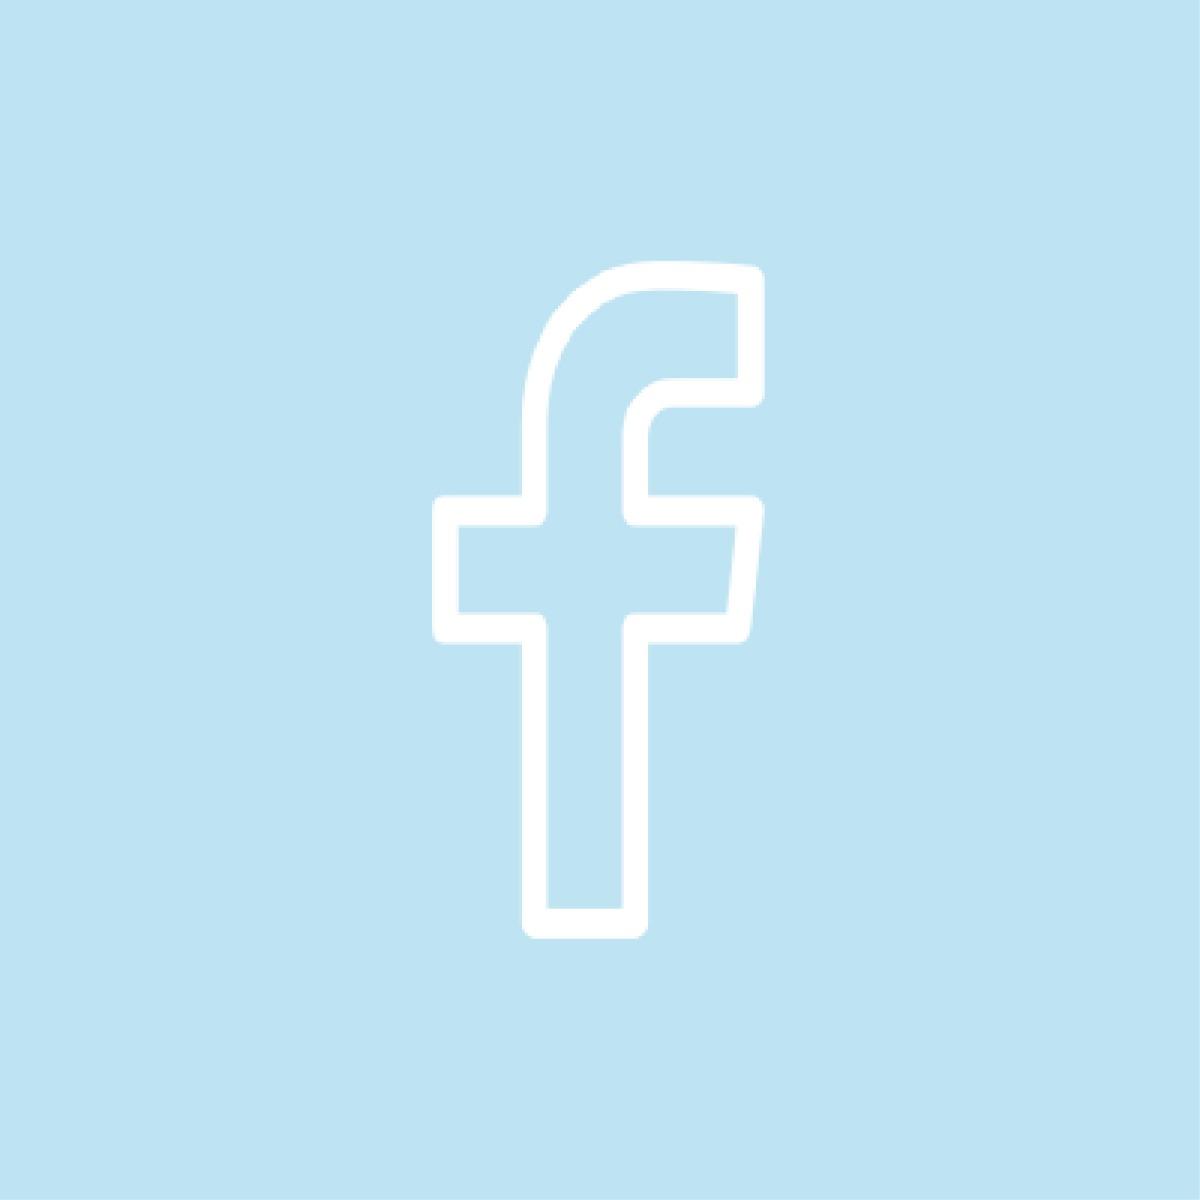 Facebook Happy Home